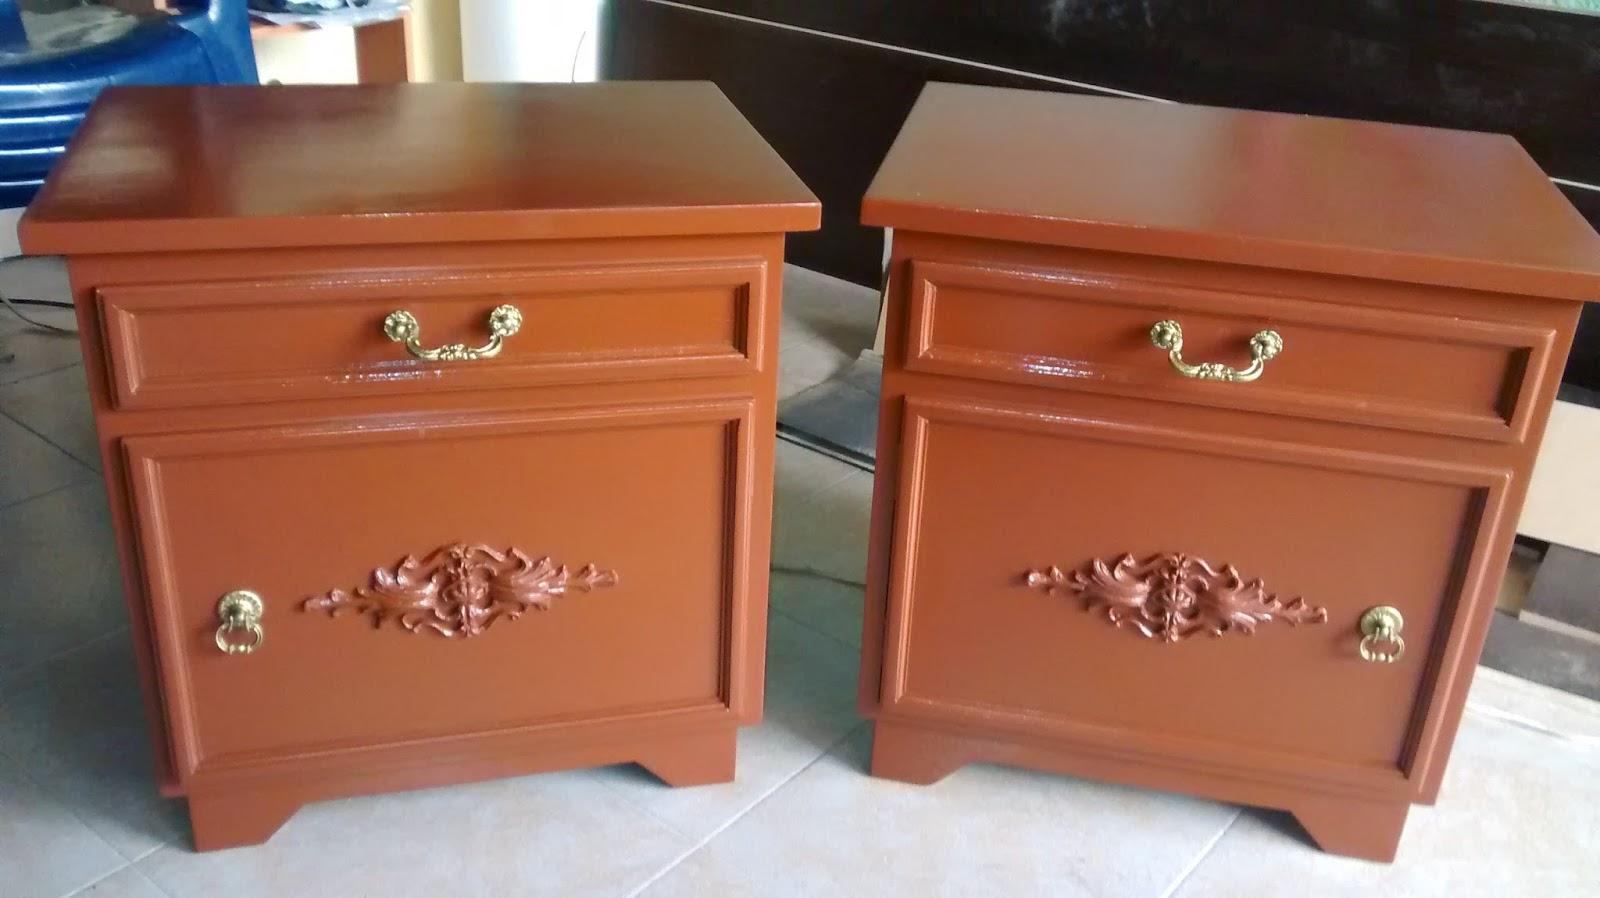 Galeria arte y dise o madekids restauracion de muebles for Restauracion de muebles